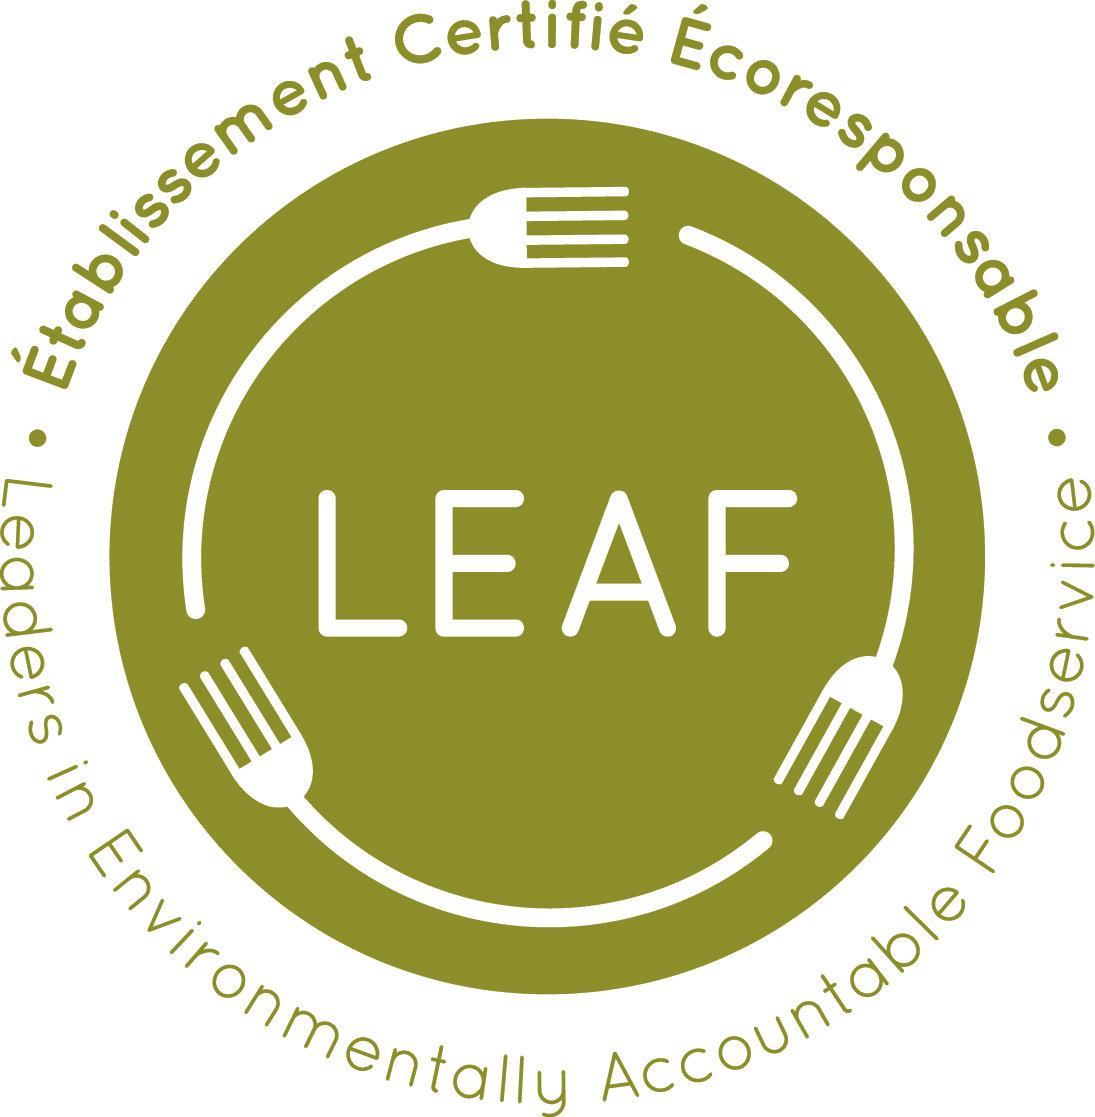 LEAF Certification